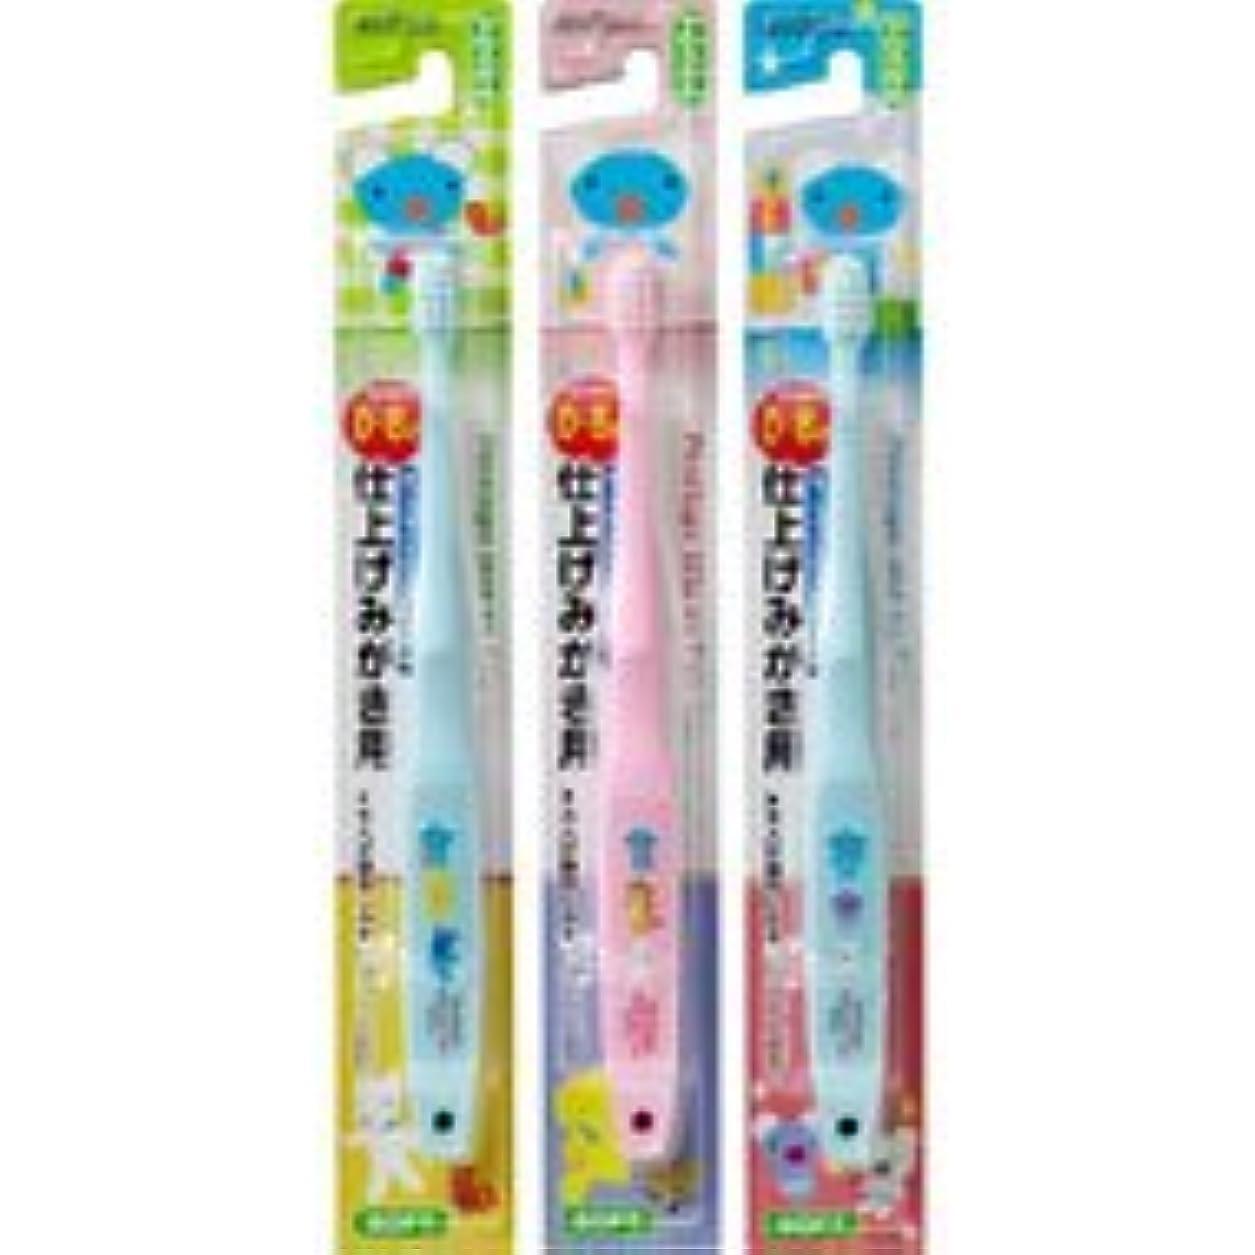 分散の慈悲で拍車ペネロペ仕上げ磨き用歯ブラシ 3本 ※種類は当店お任せとなります